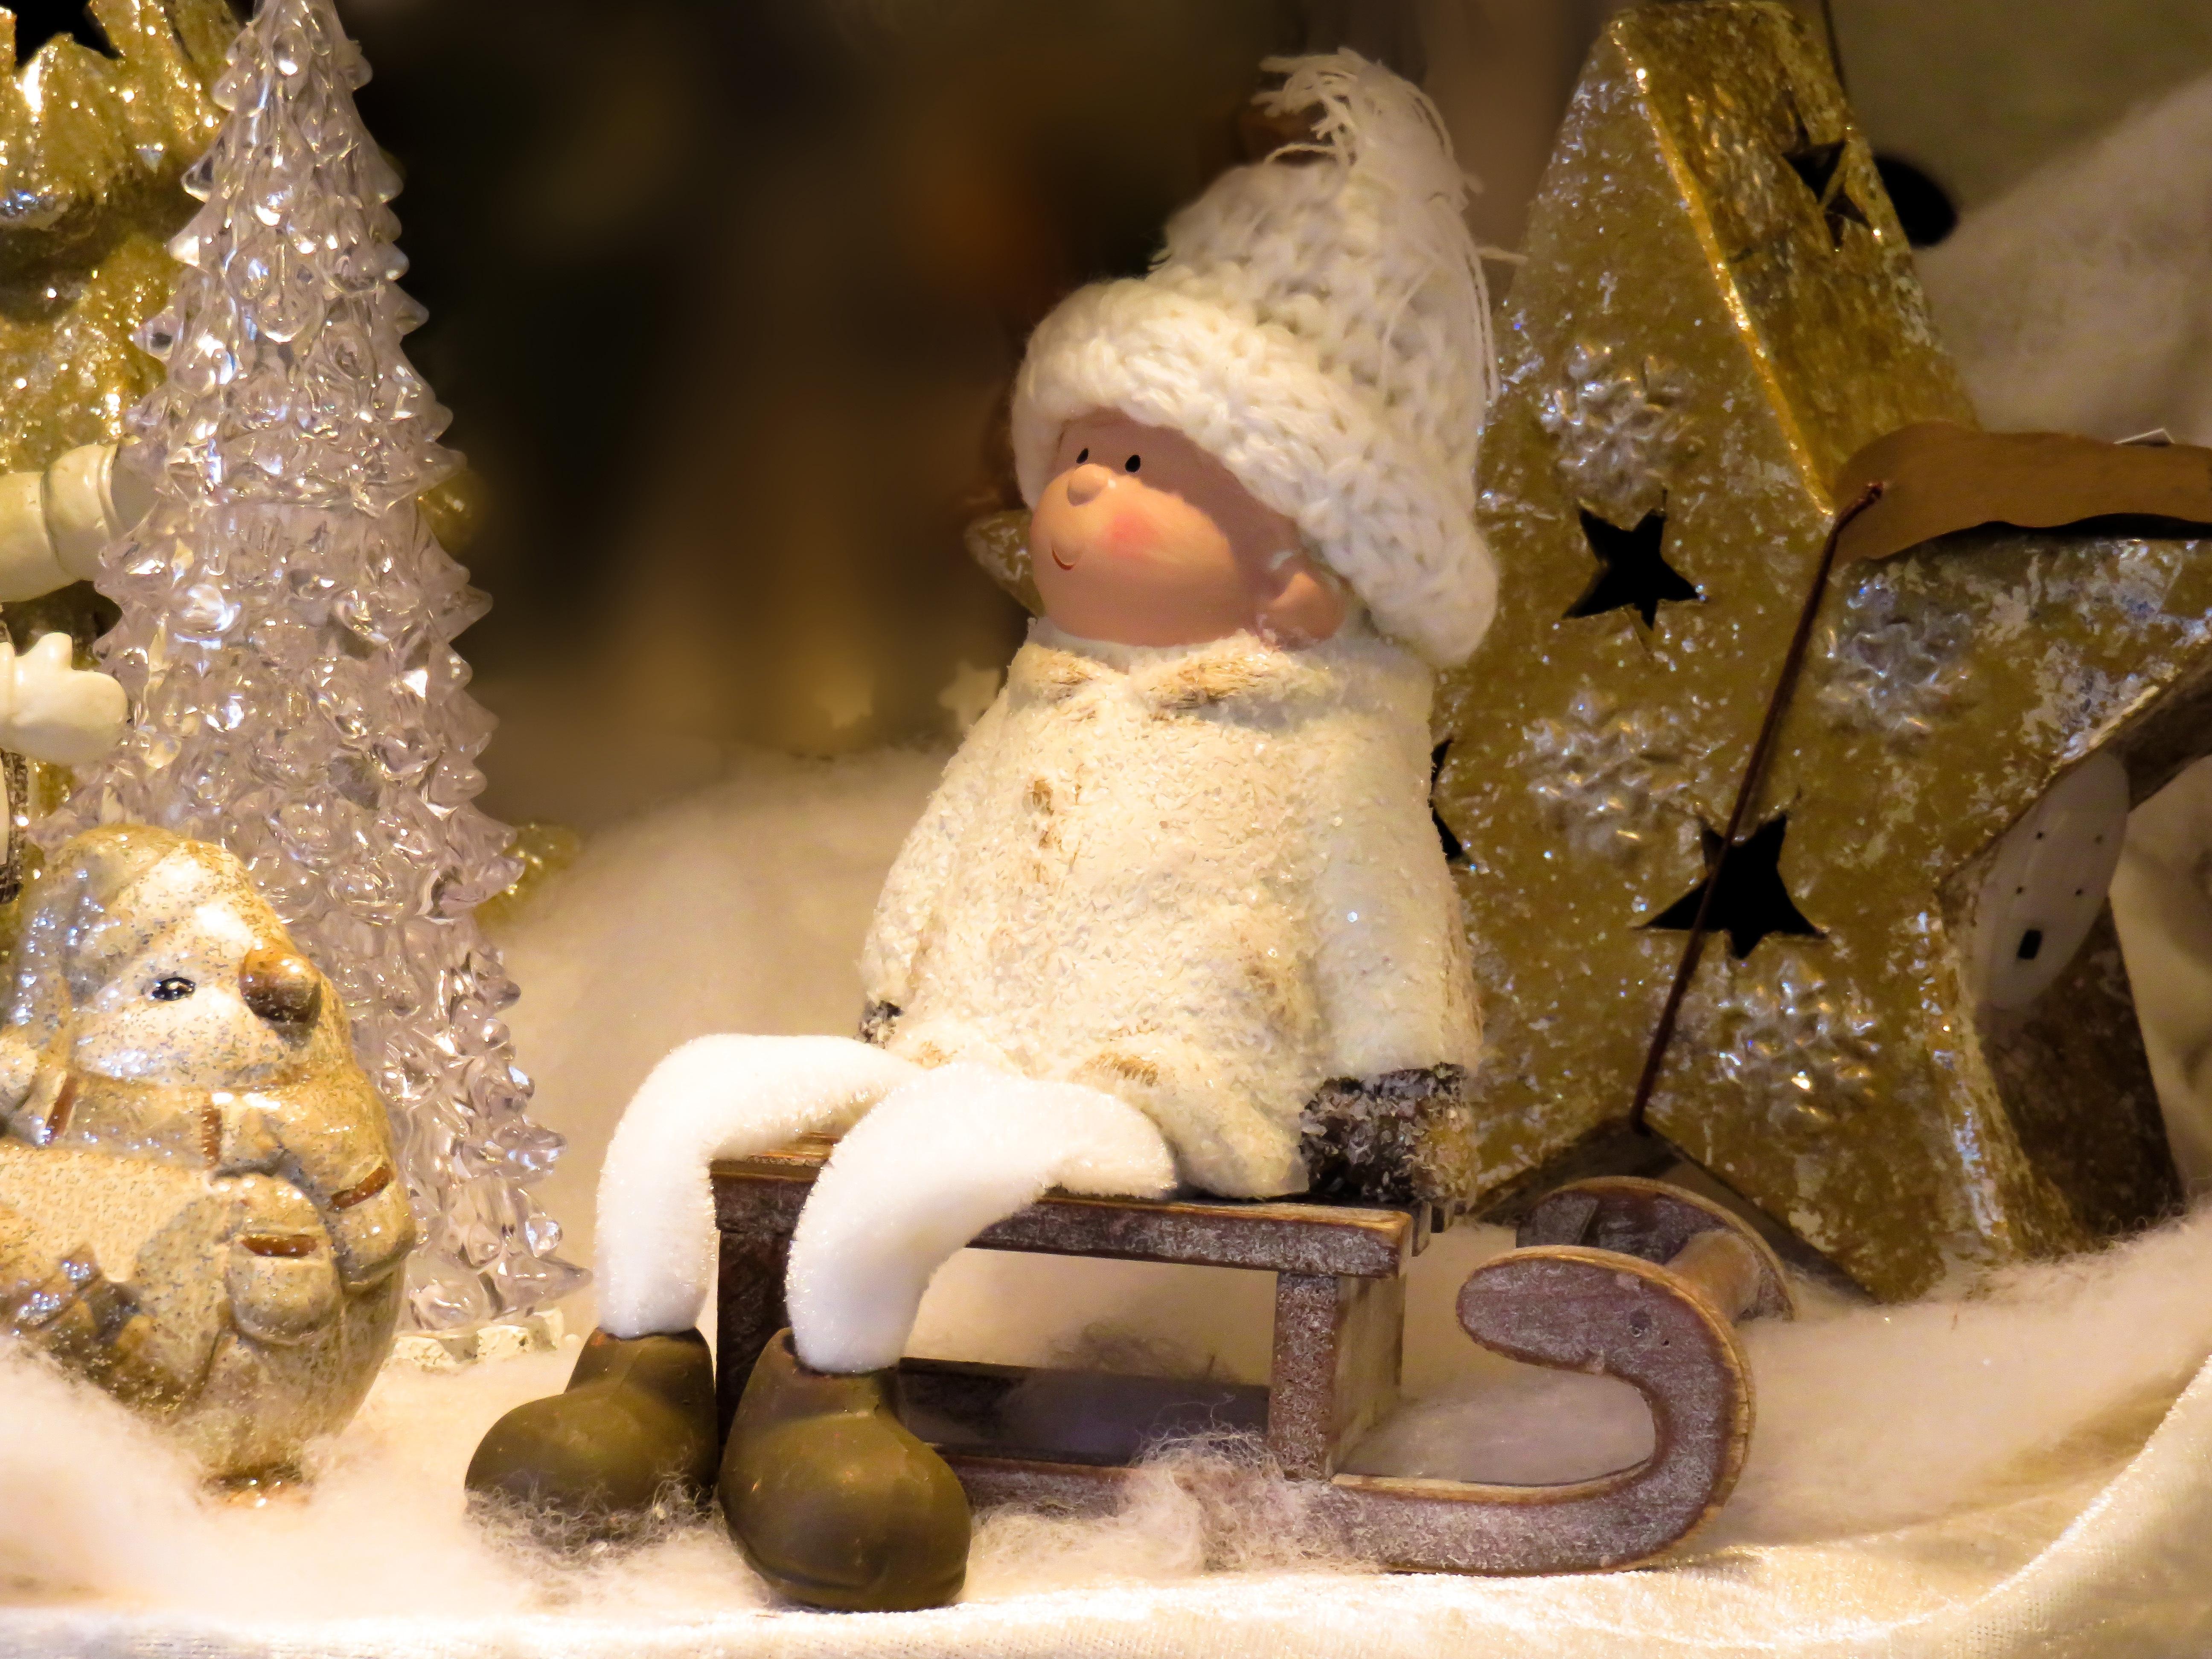 Kostenlose foto : Schnee, kalt, Winter, Star, Statue, Weihnachten ...